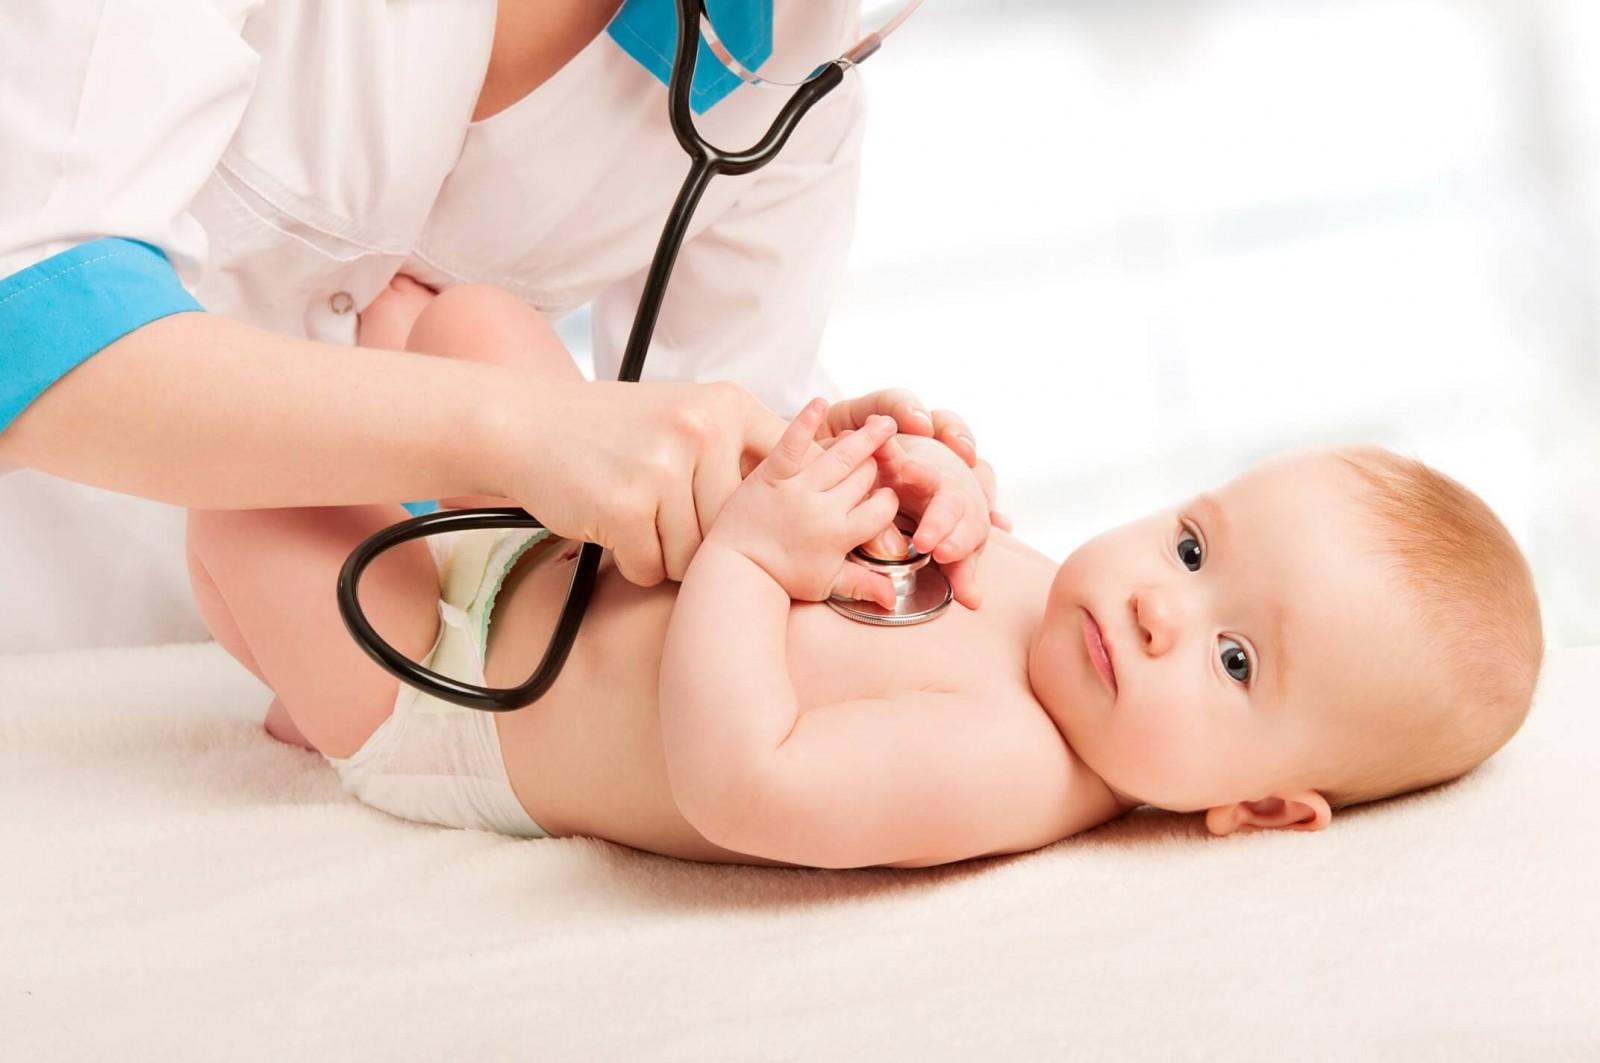 Прививка АКДС какие последствия фото